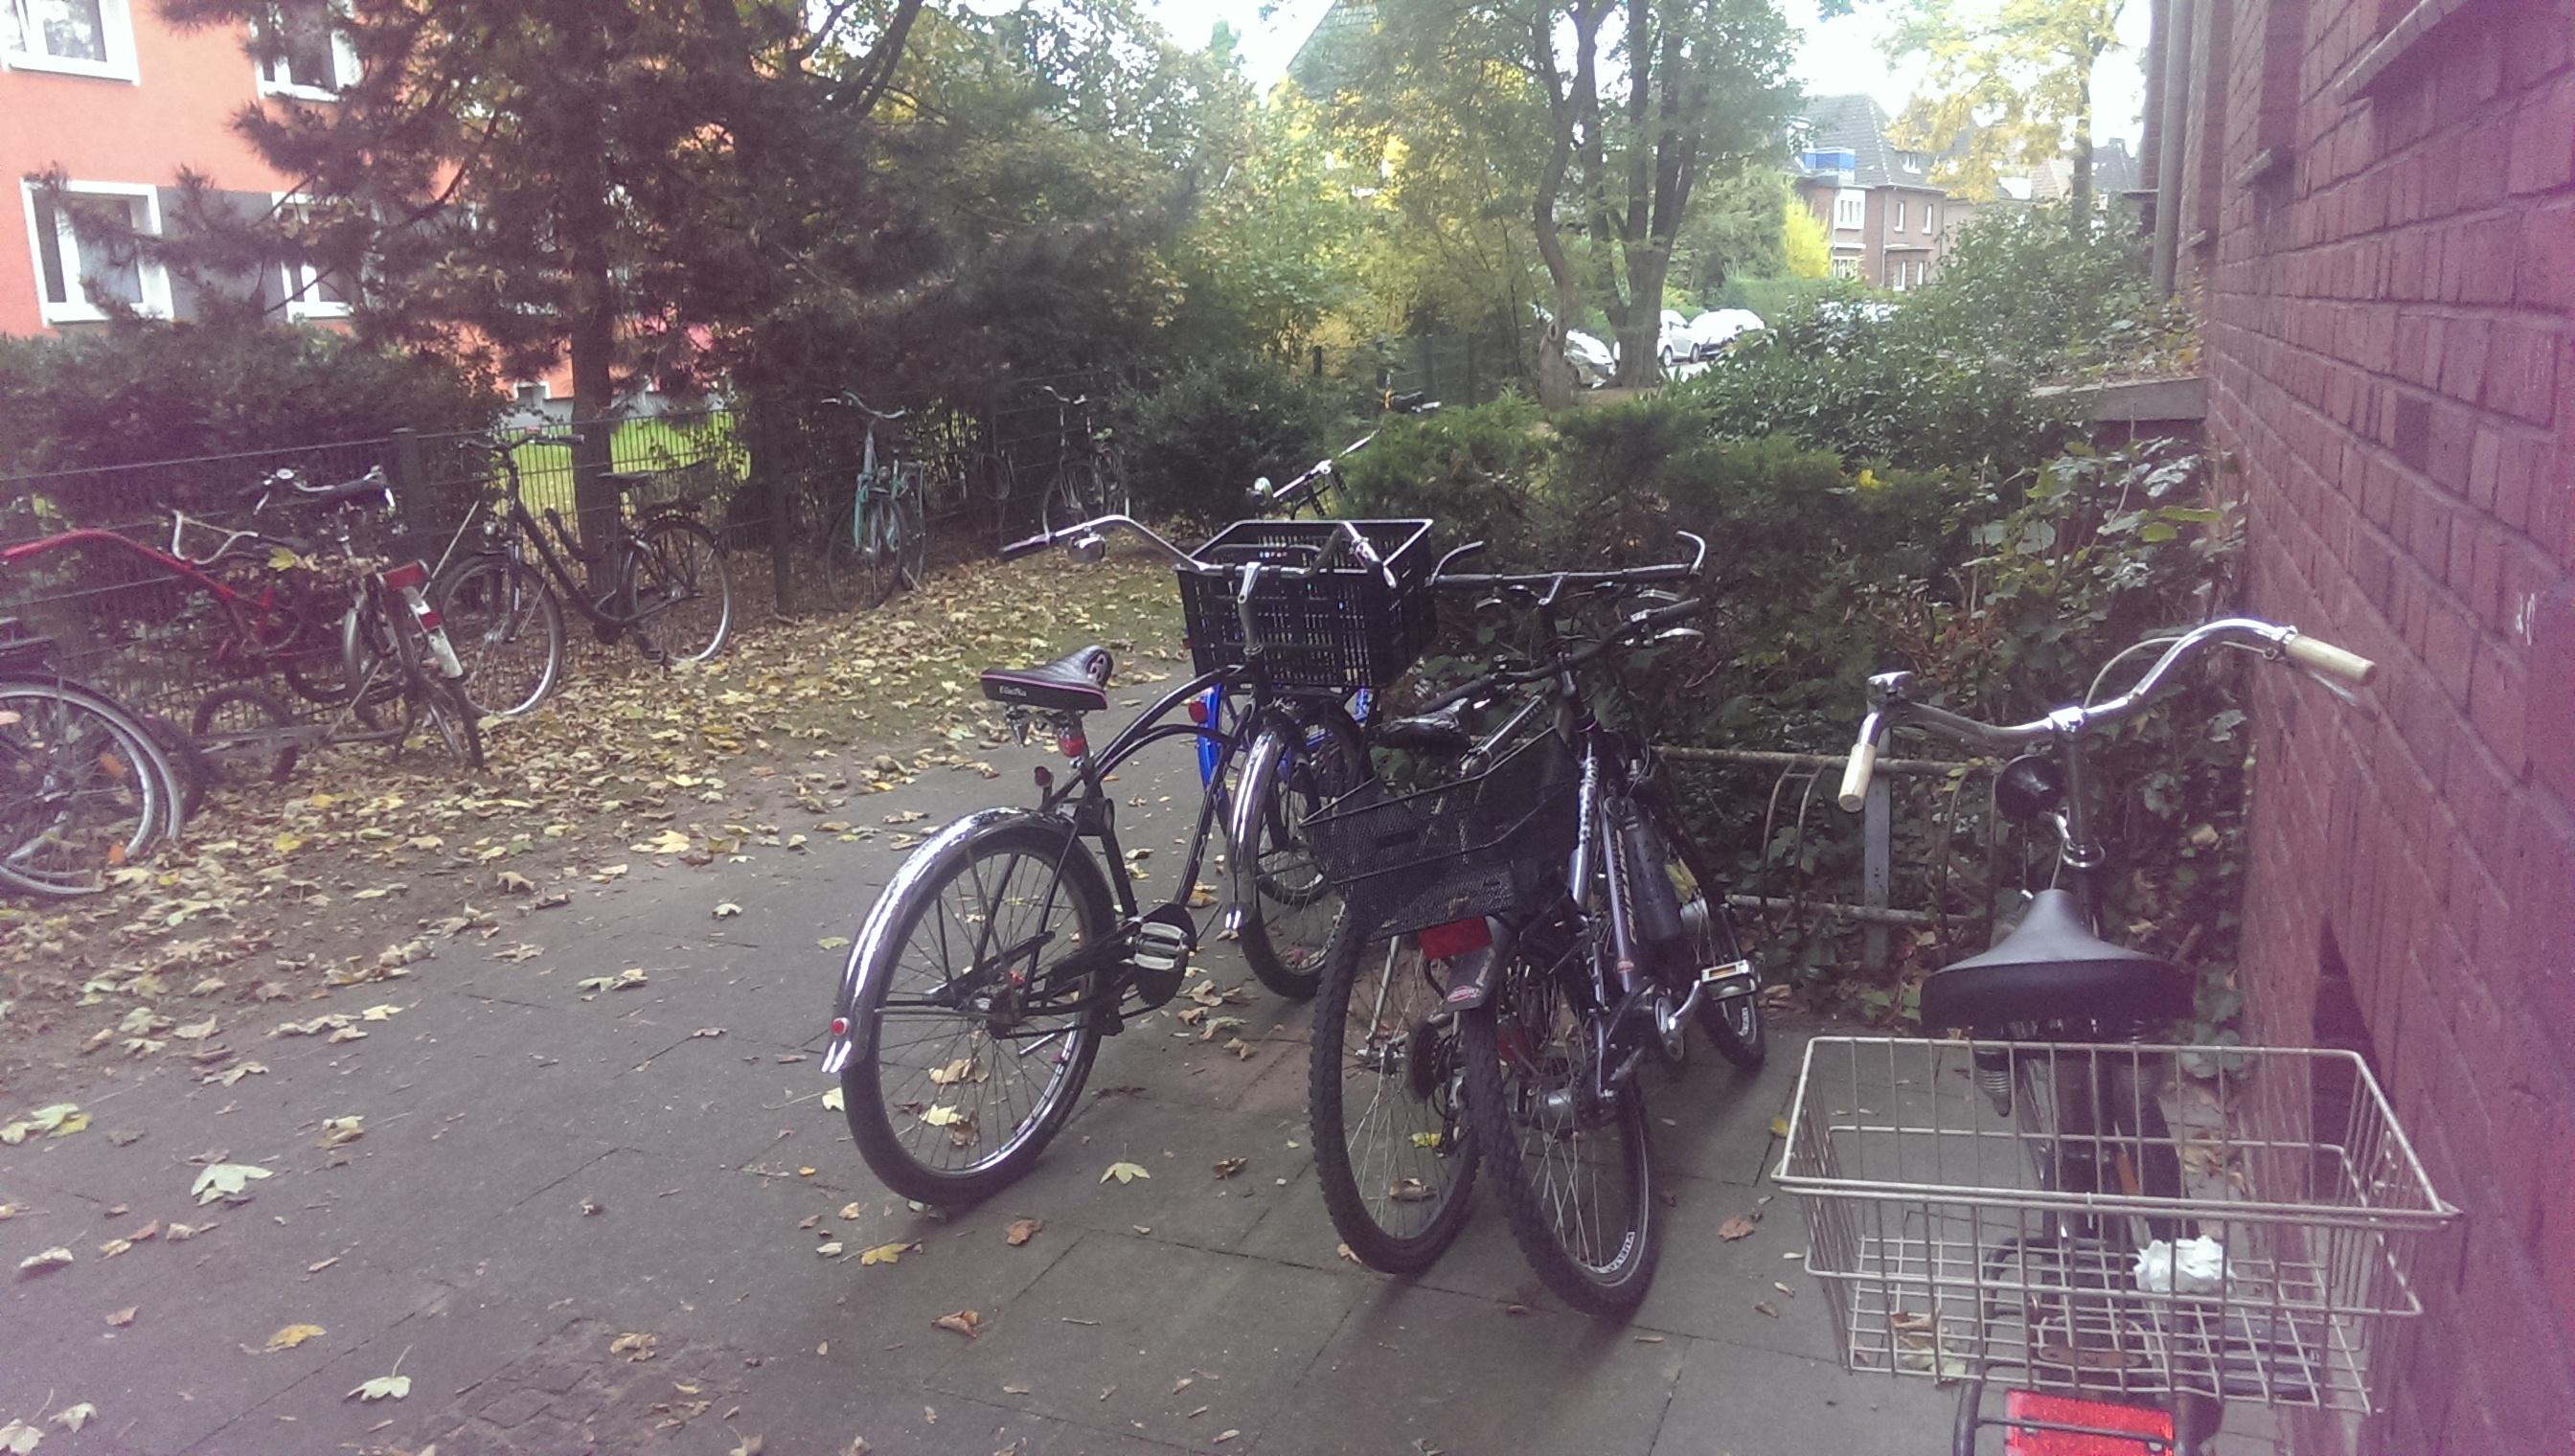 Onze vrouw in Münster: Waarom we voor het fietsen niet in Duitsland moeten zijn